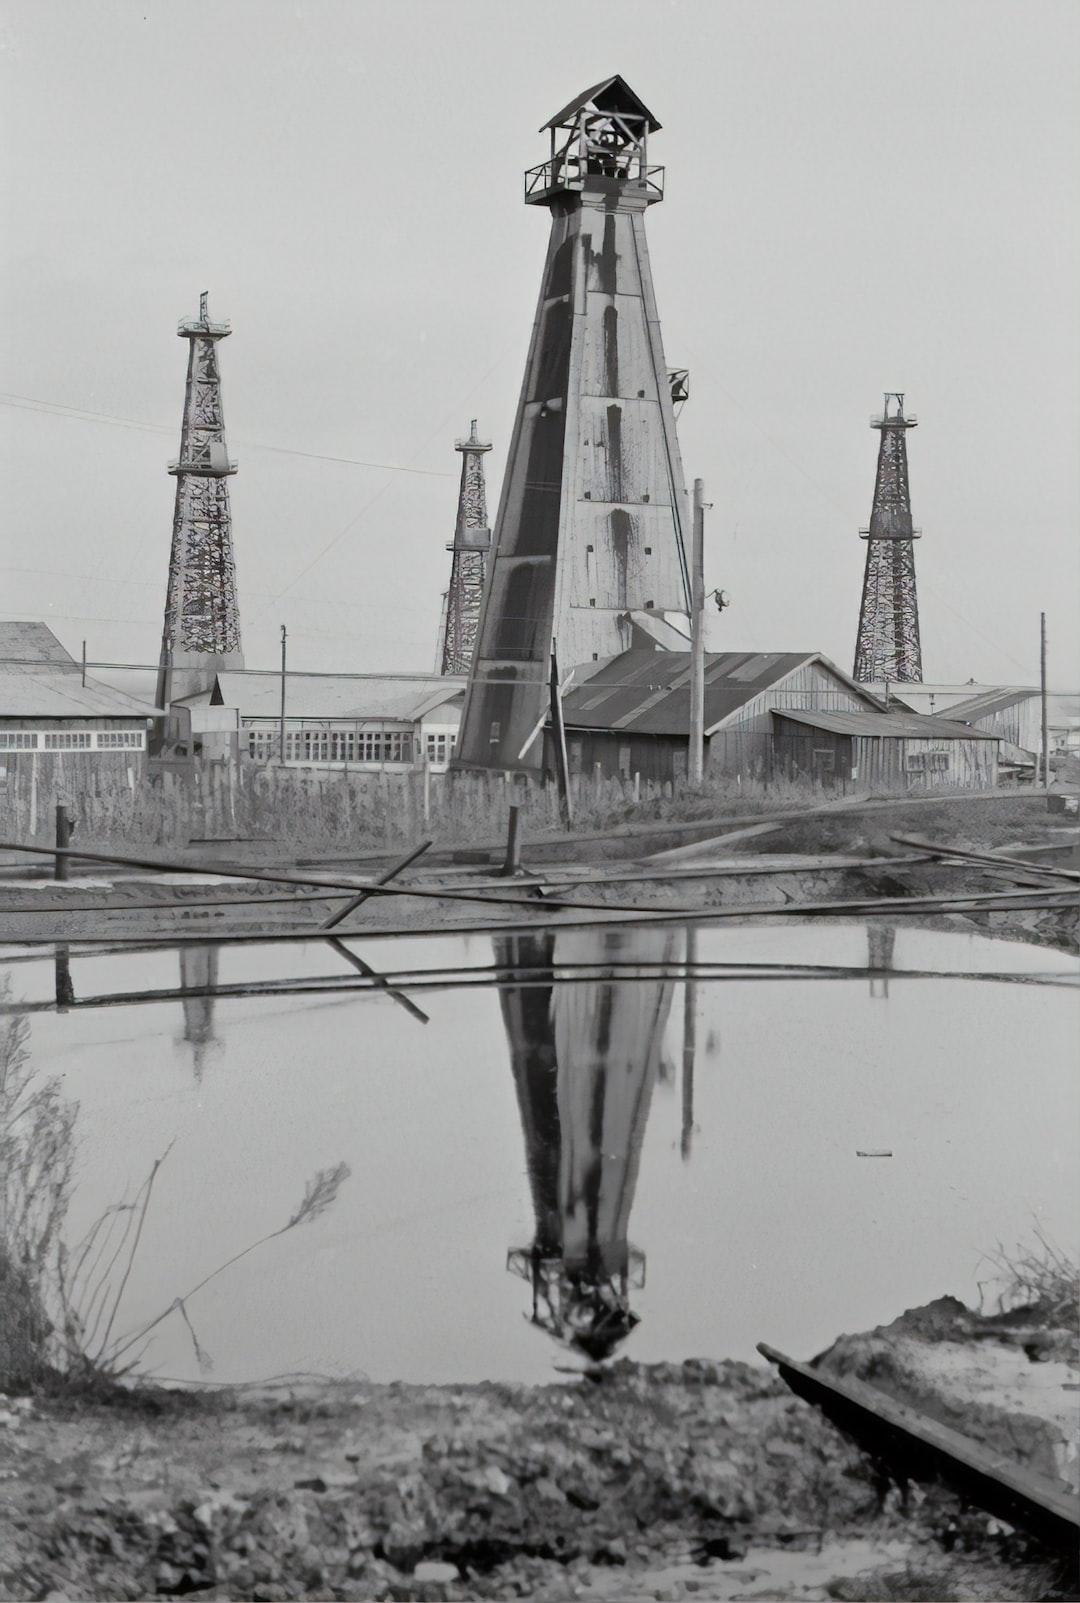 Ölförderung. 1935